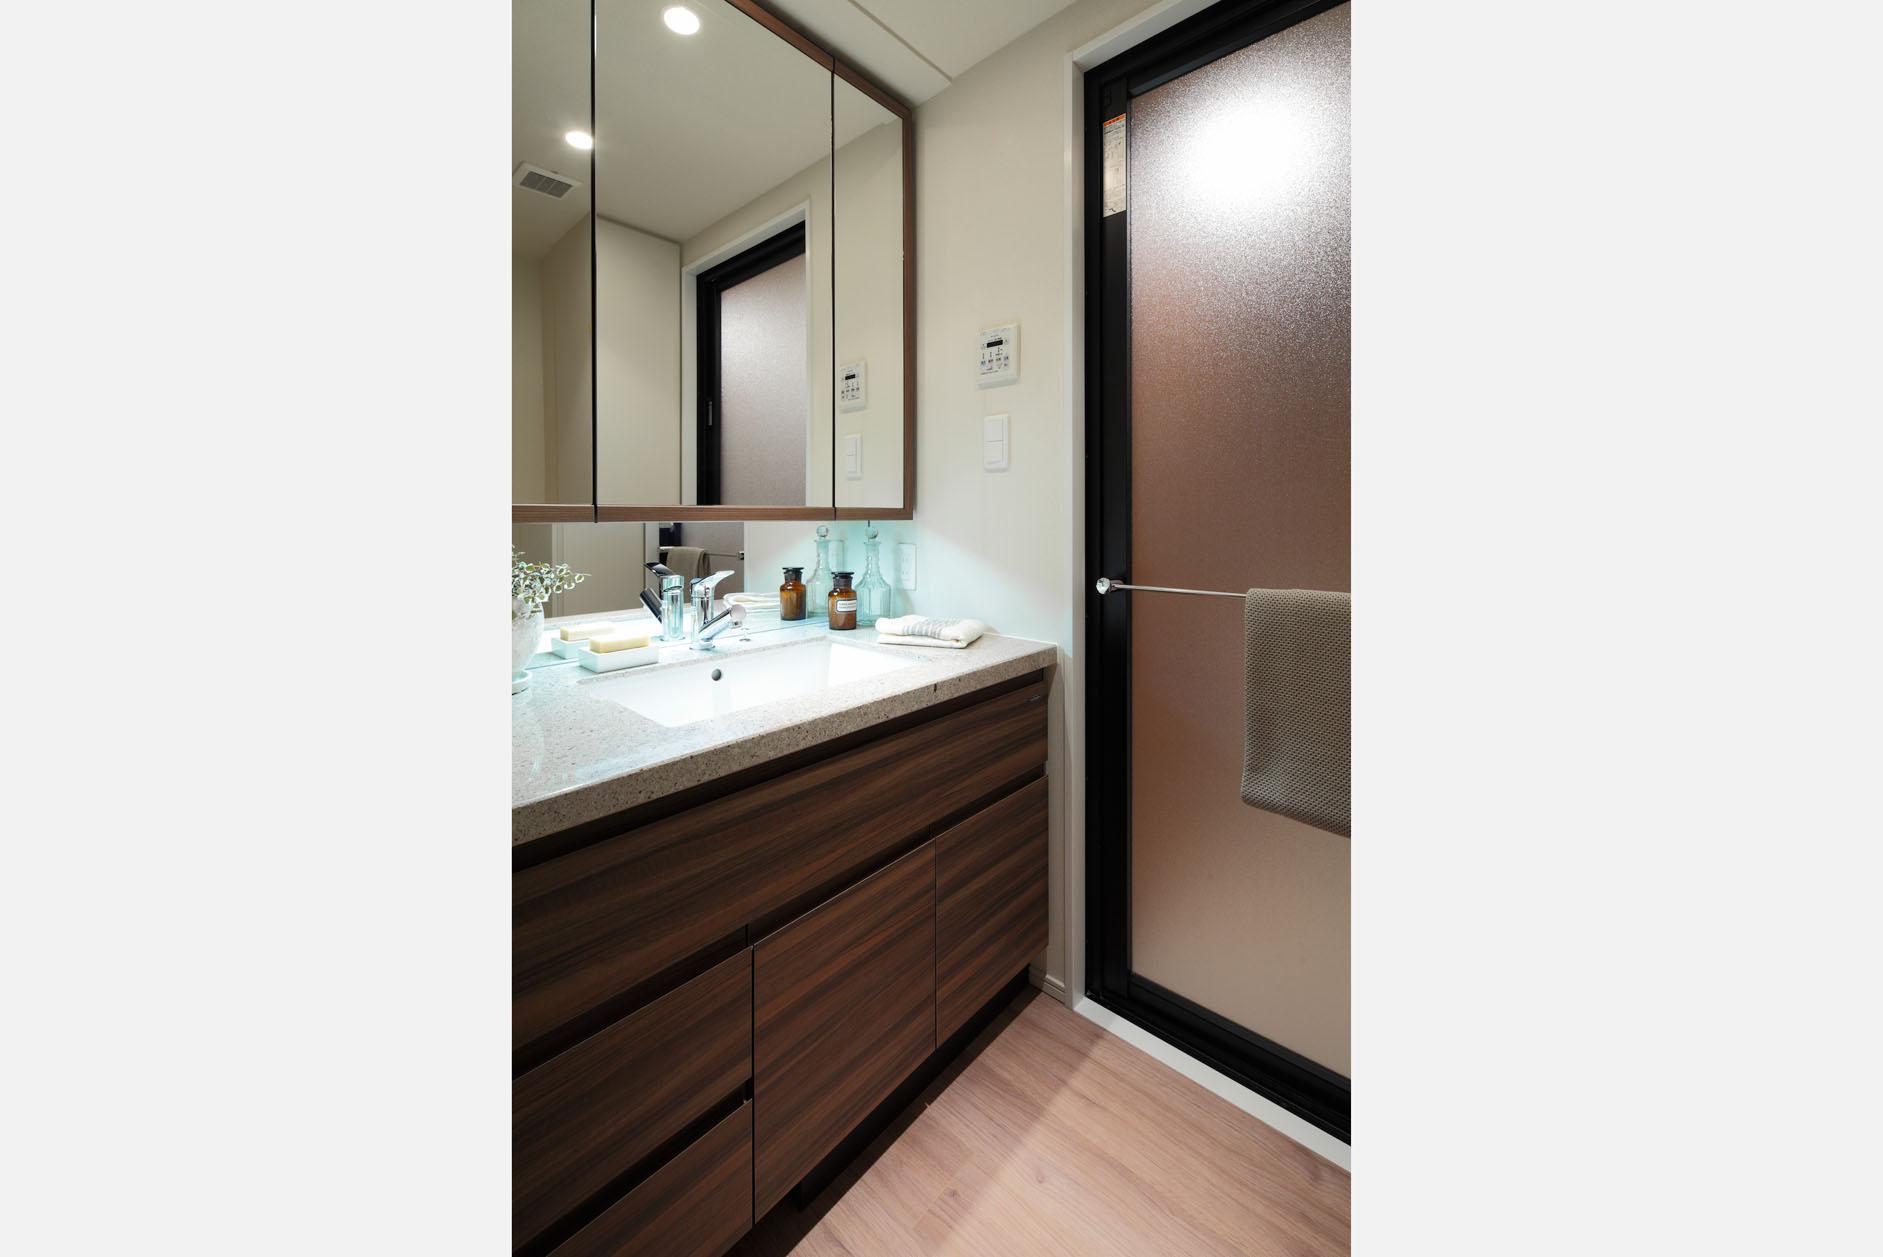 洗面/三面鏡裏収納やタオル掛けもついた便利な仕様。 イメージ